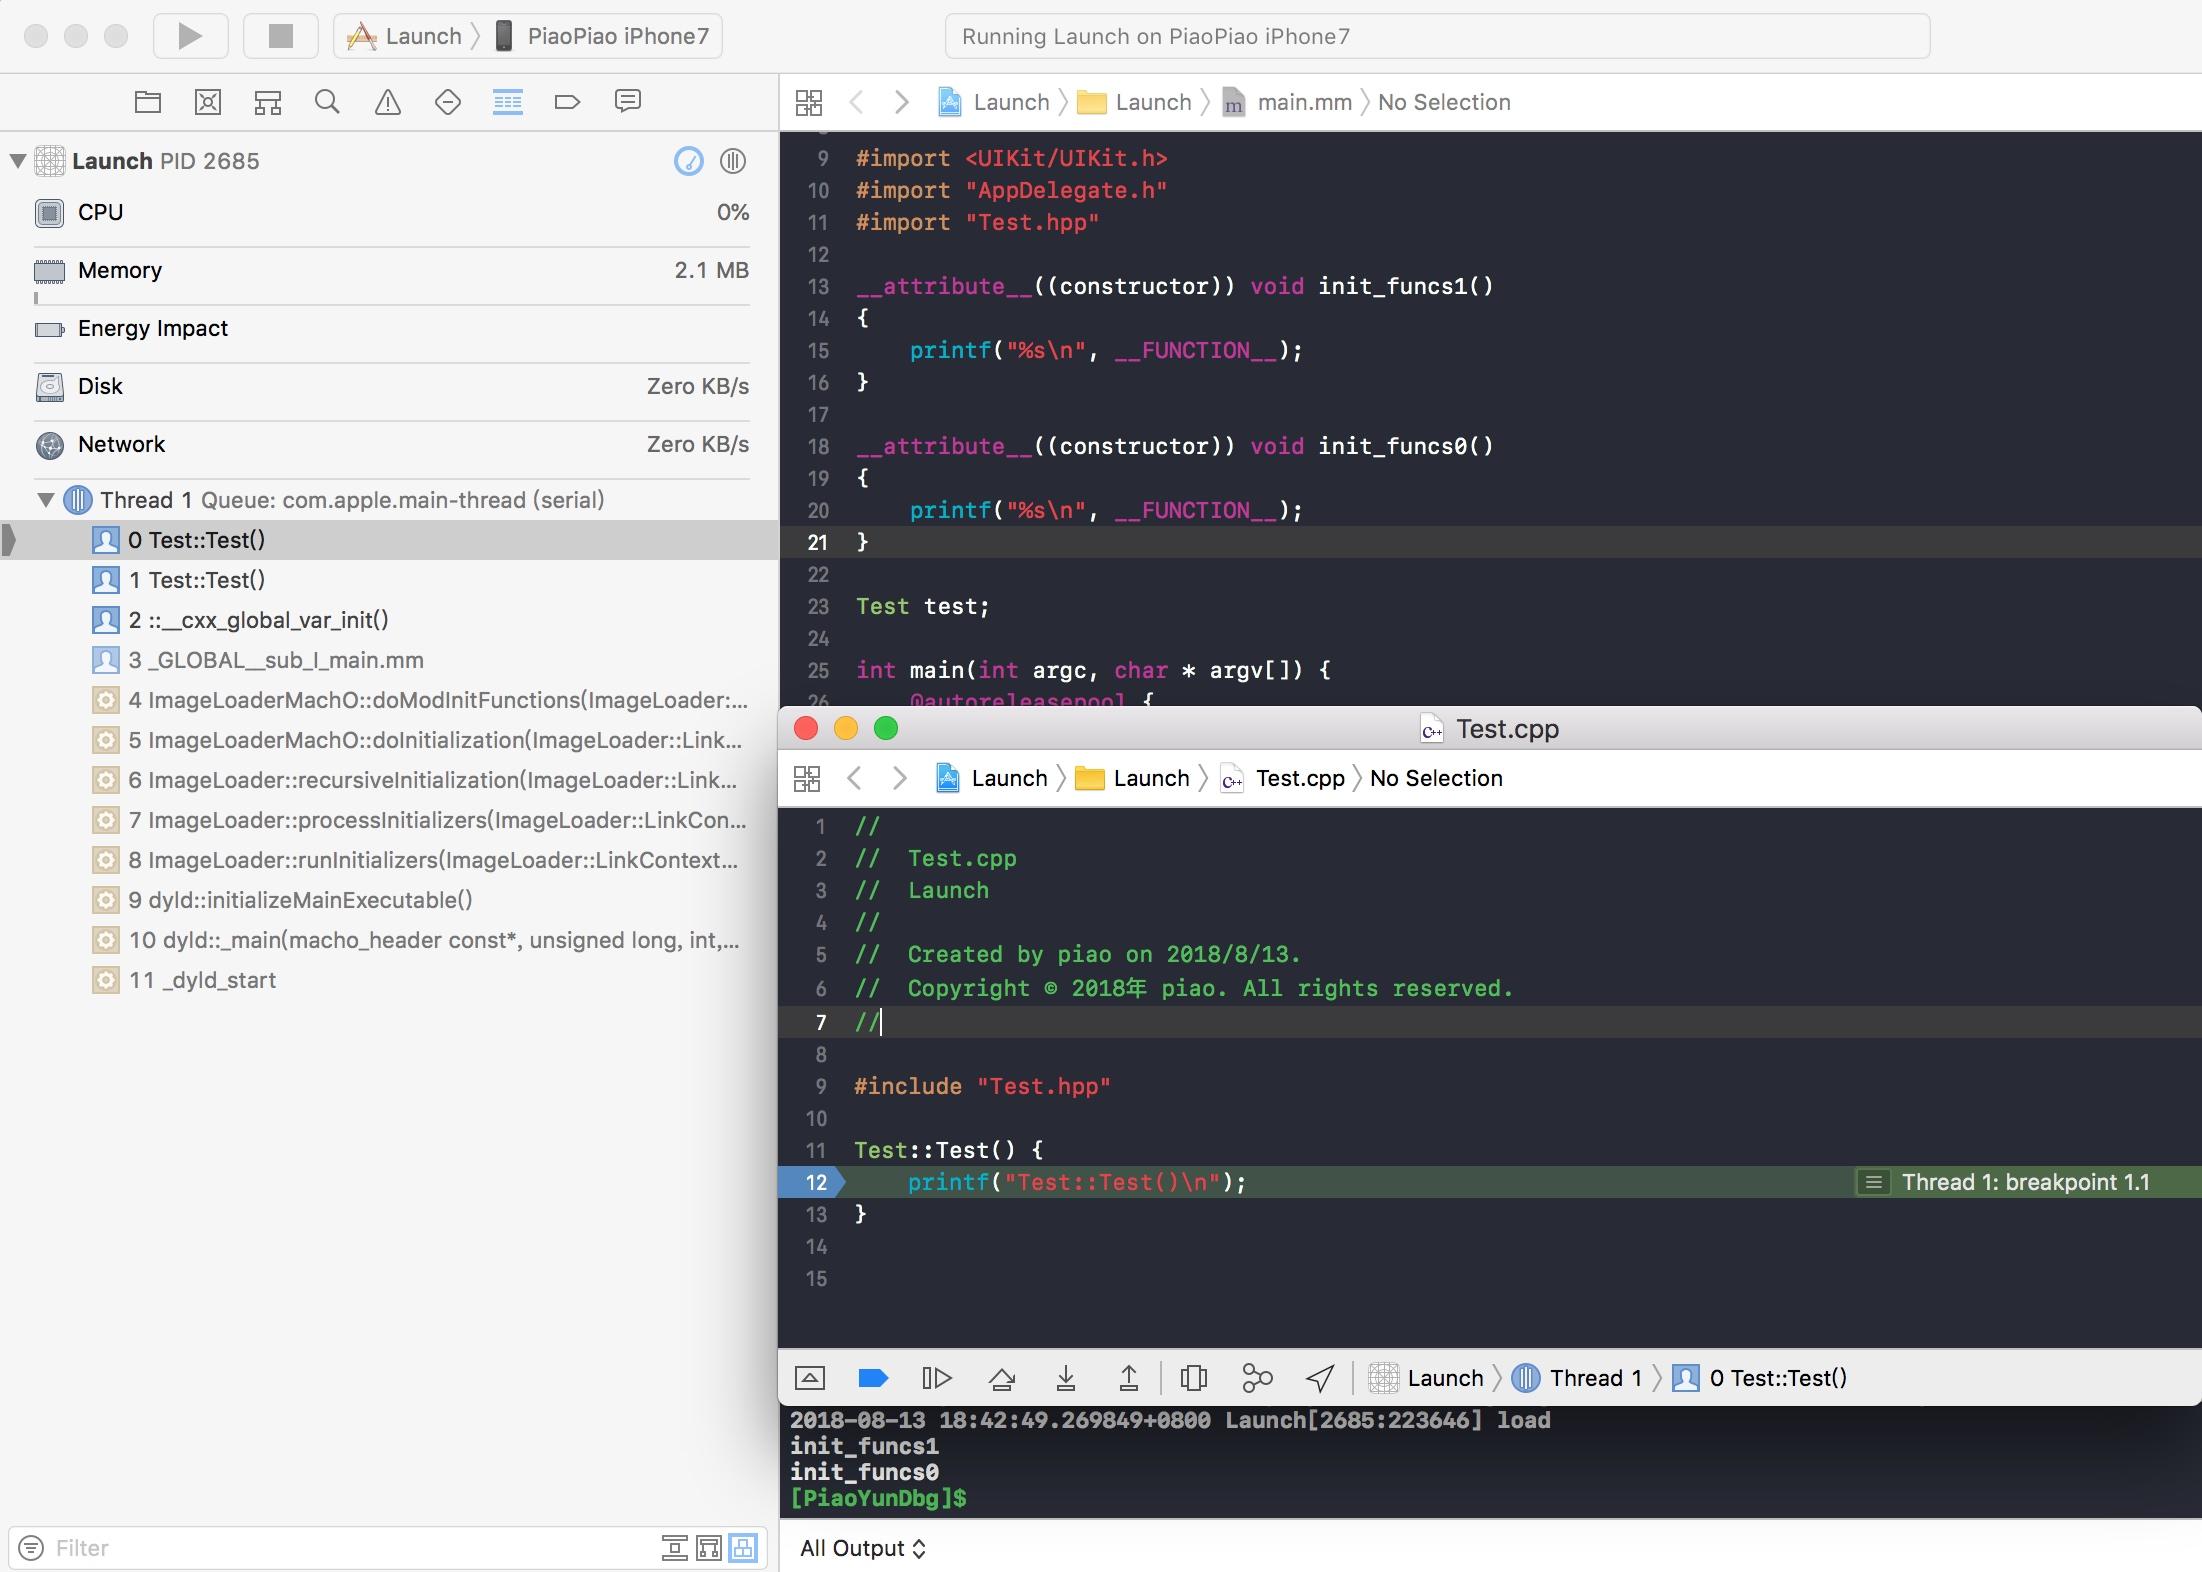 解析__mod_init_func并查看调用栈